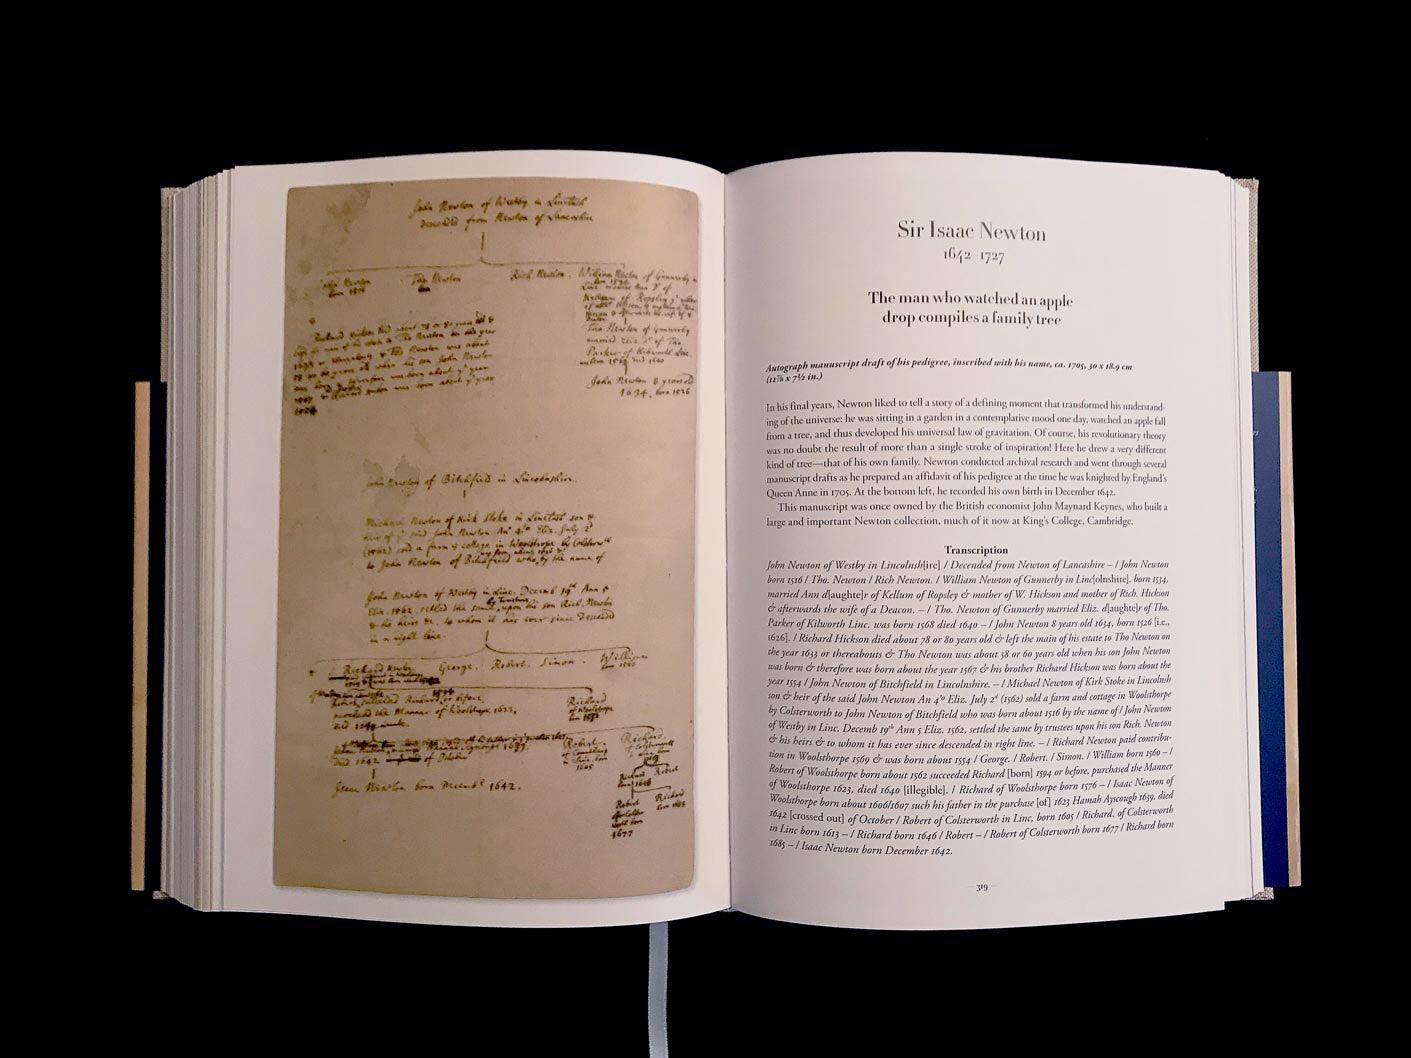 Sir Isaac Newton, ébauche manuscrite de sa généalogie, portant son nom, vers 1705. © Passéisme.